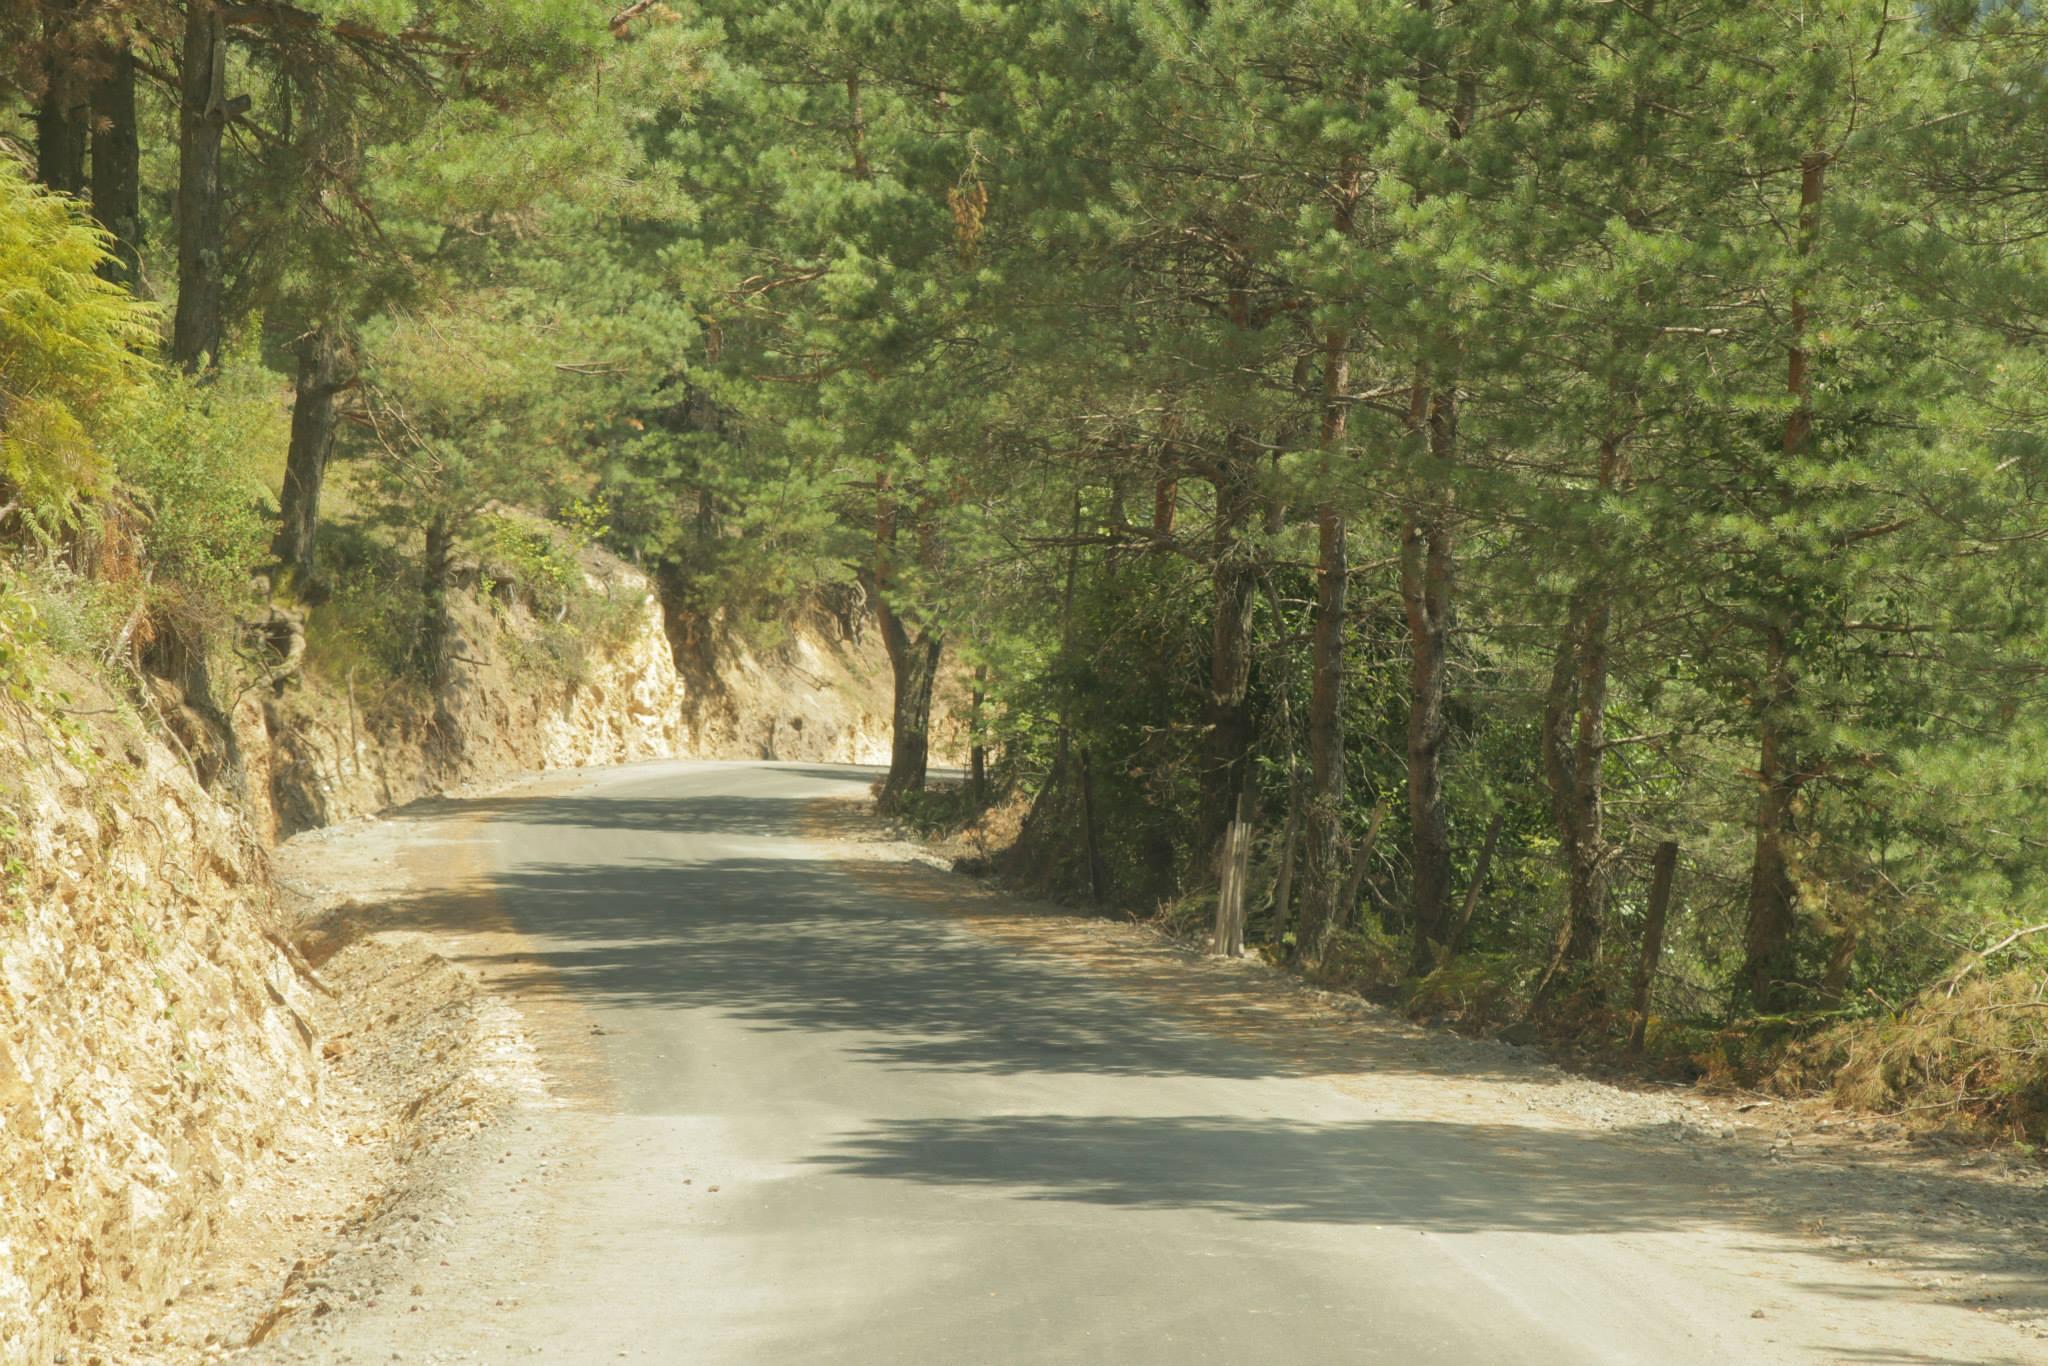 მაღალმთიან სოფლებში შიდა სასოფლო გზების რეაბილიტაცია